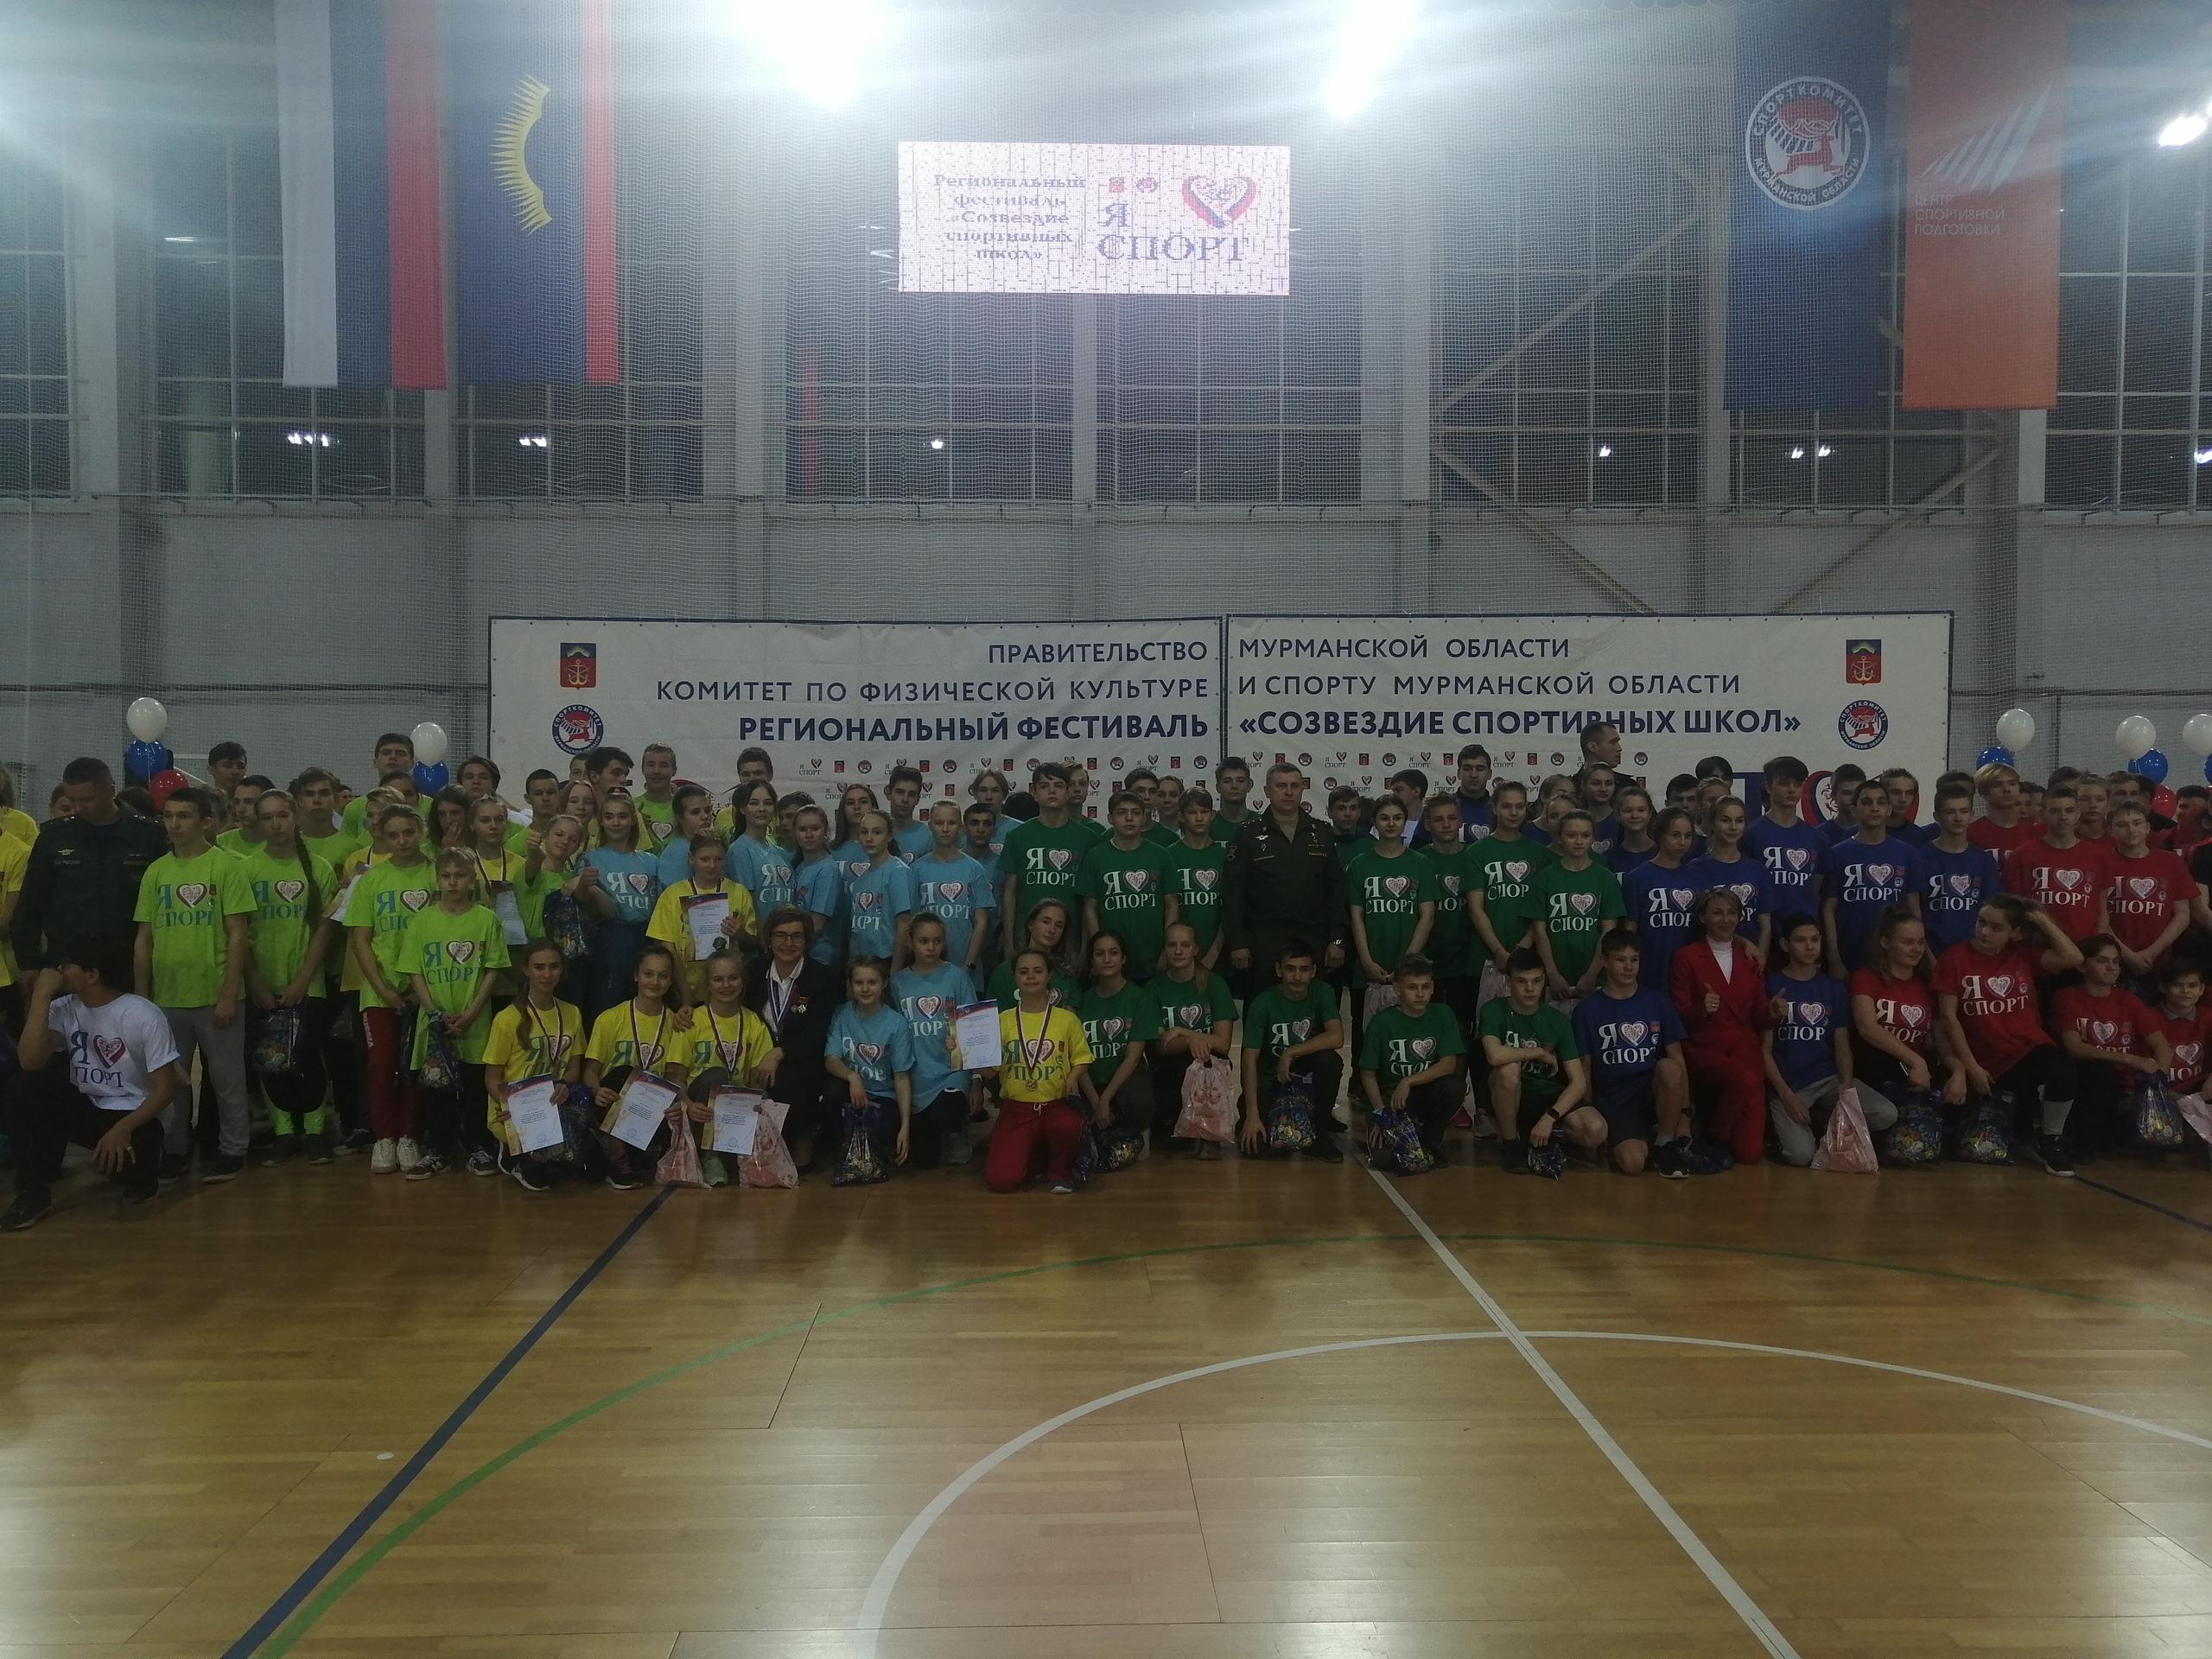 13 декабря в Мурманском легкоатлетическом манеже состоялся региональный Фестиваль «Созвездие спортивных школ», на котором присутствовали делегации 40 спортивных школ со всей области.